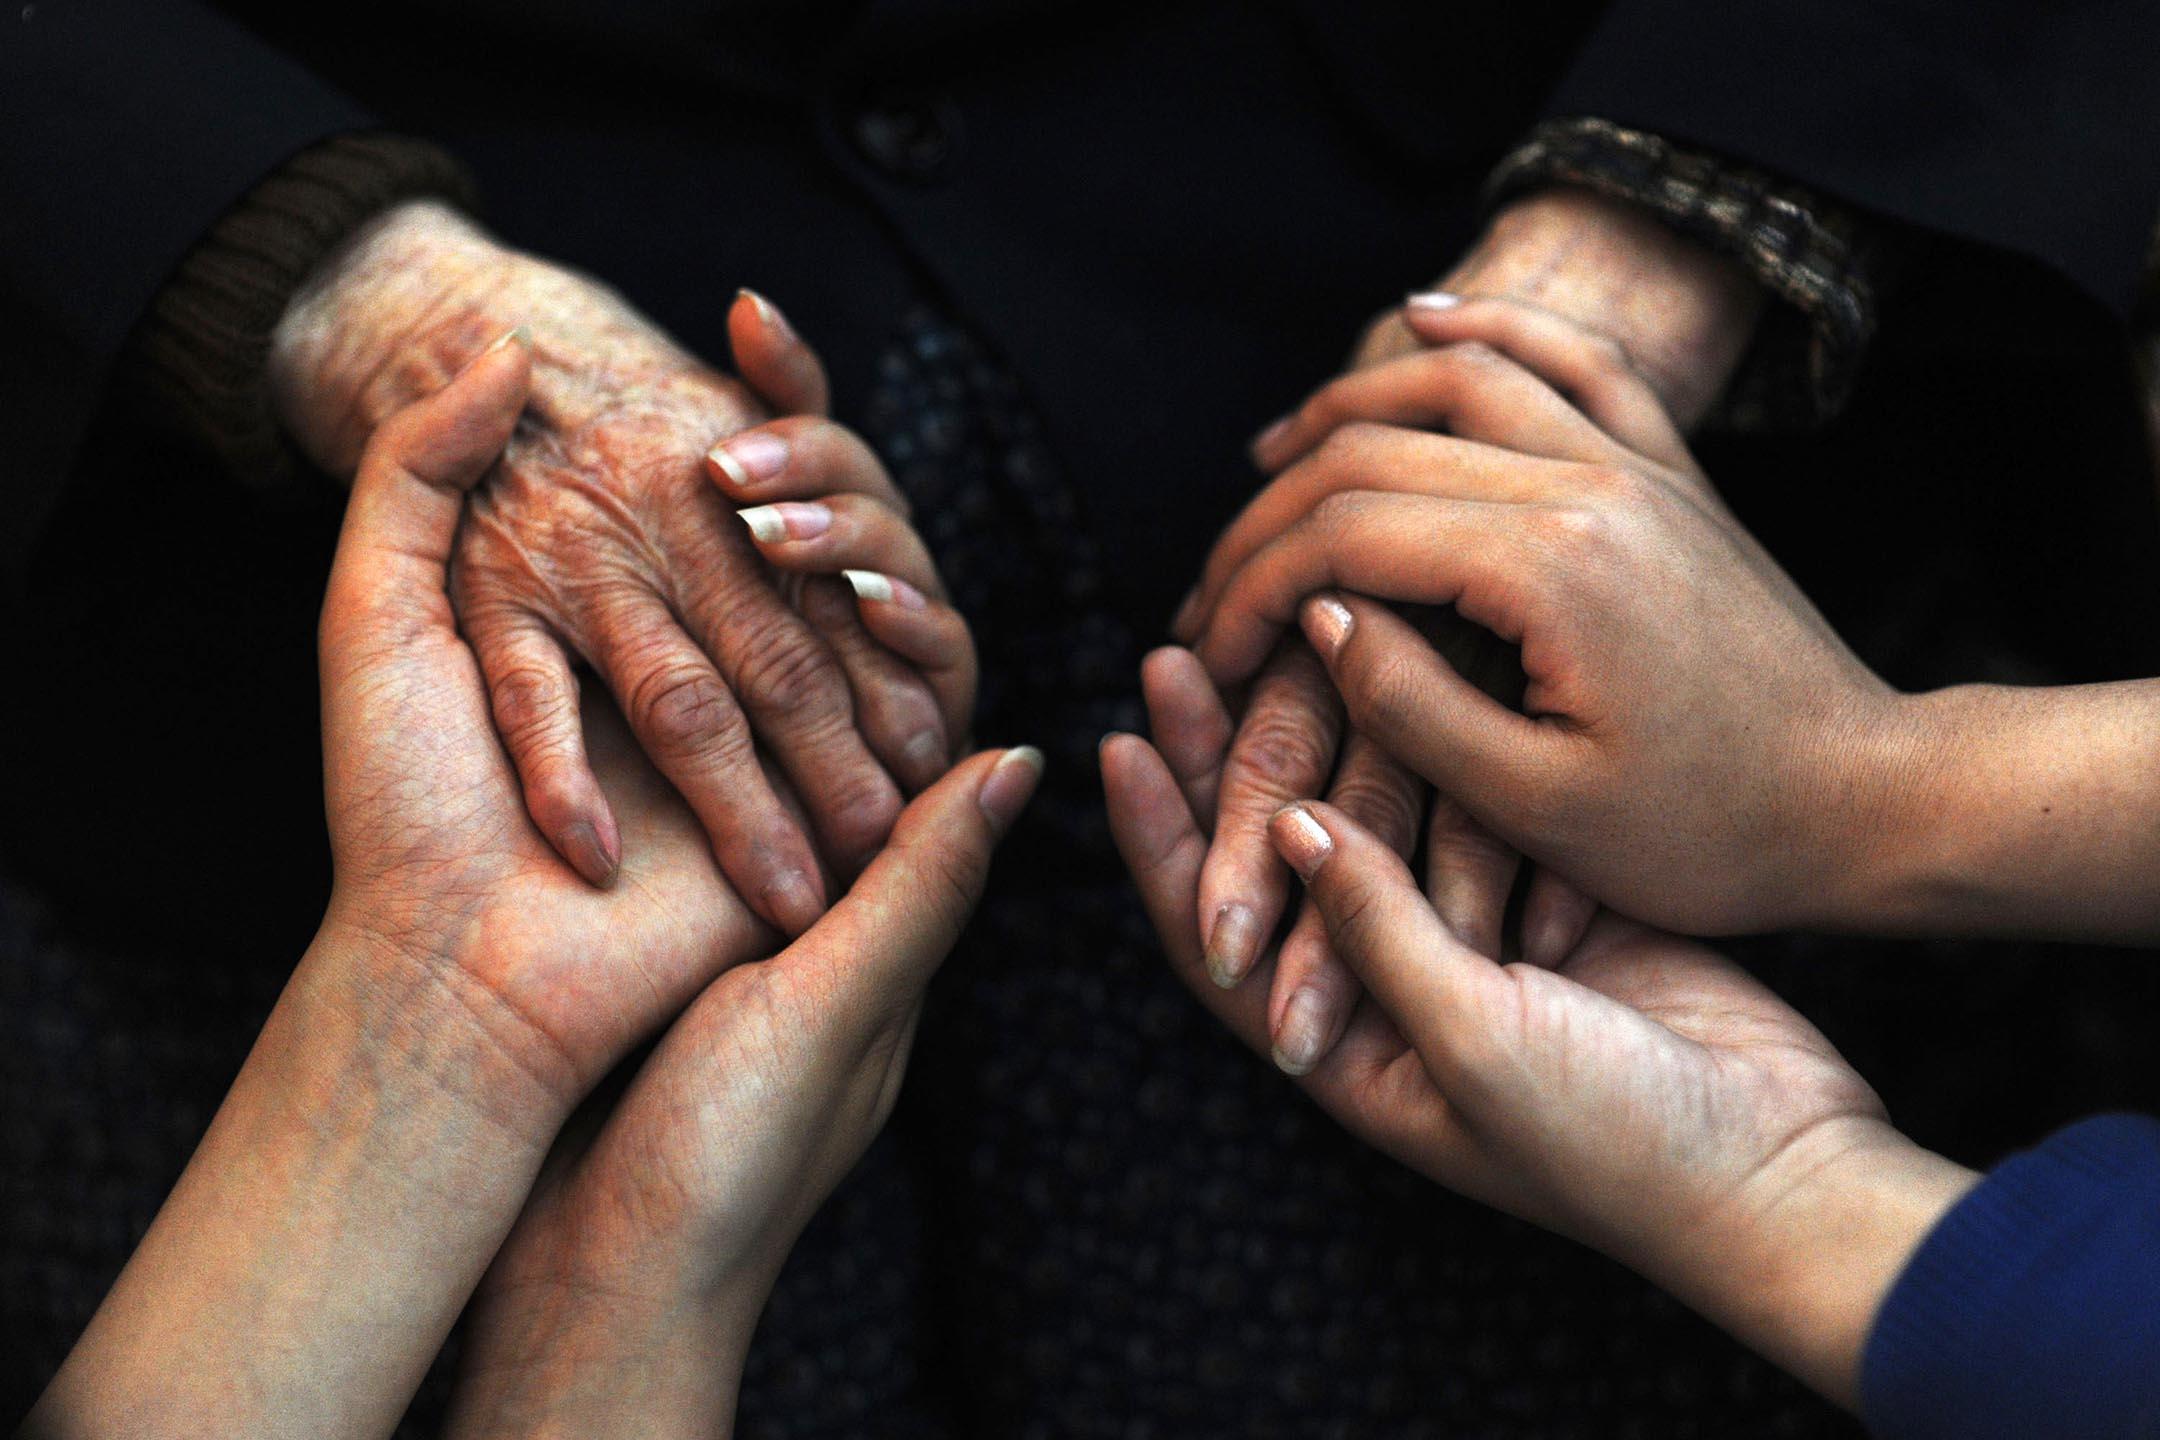 2009年4月18日武漢,志願者在武漢市的福利中心握著老年人的手。